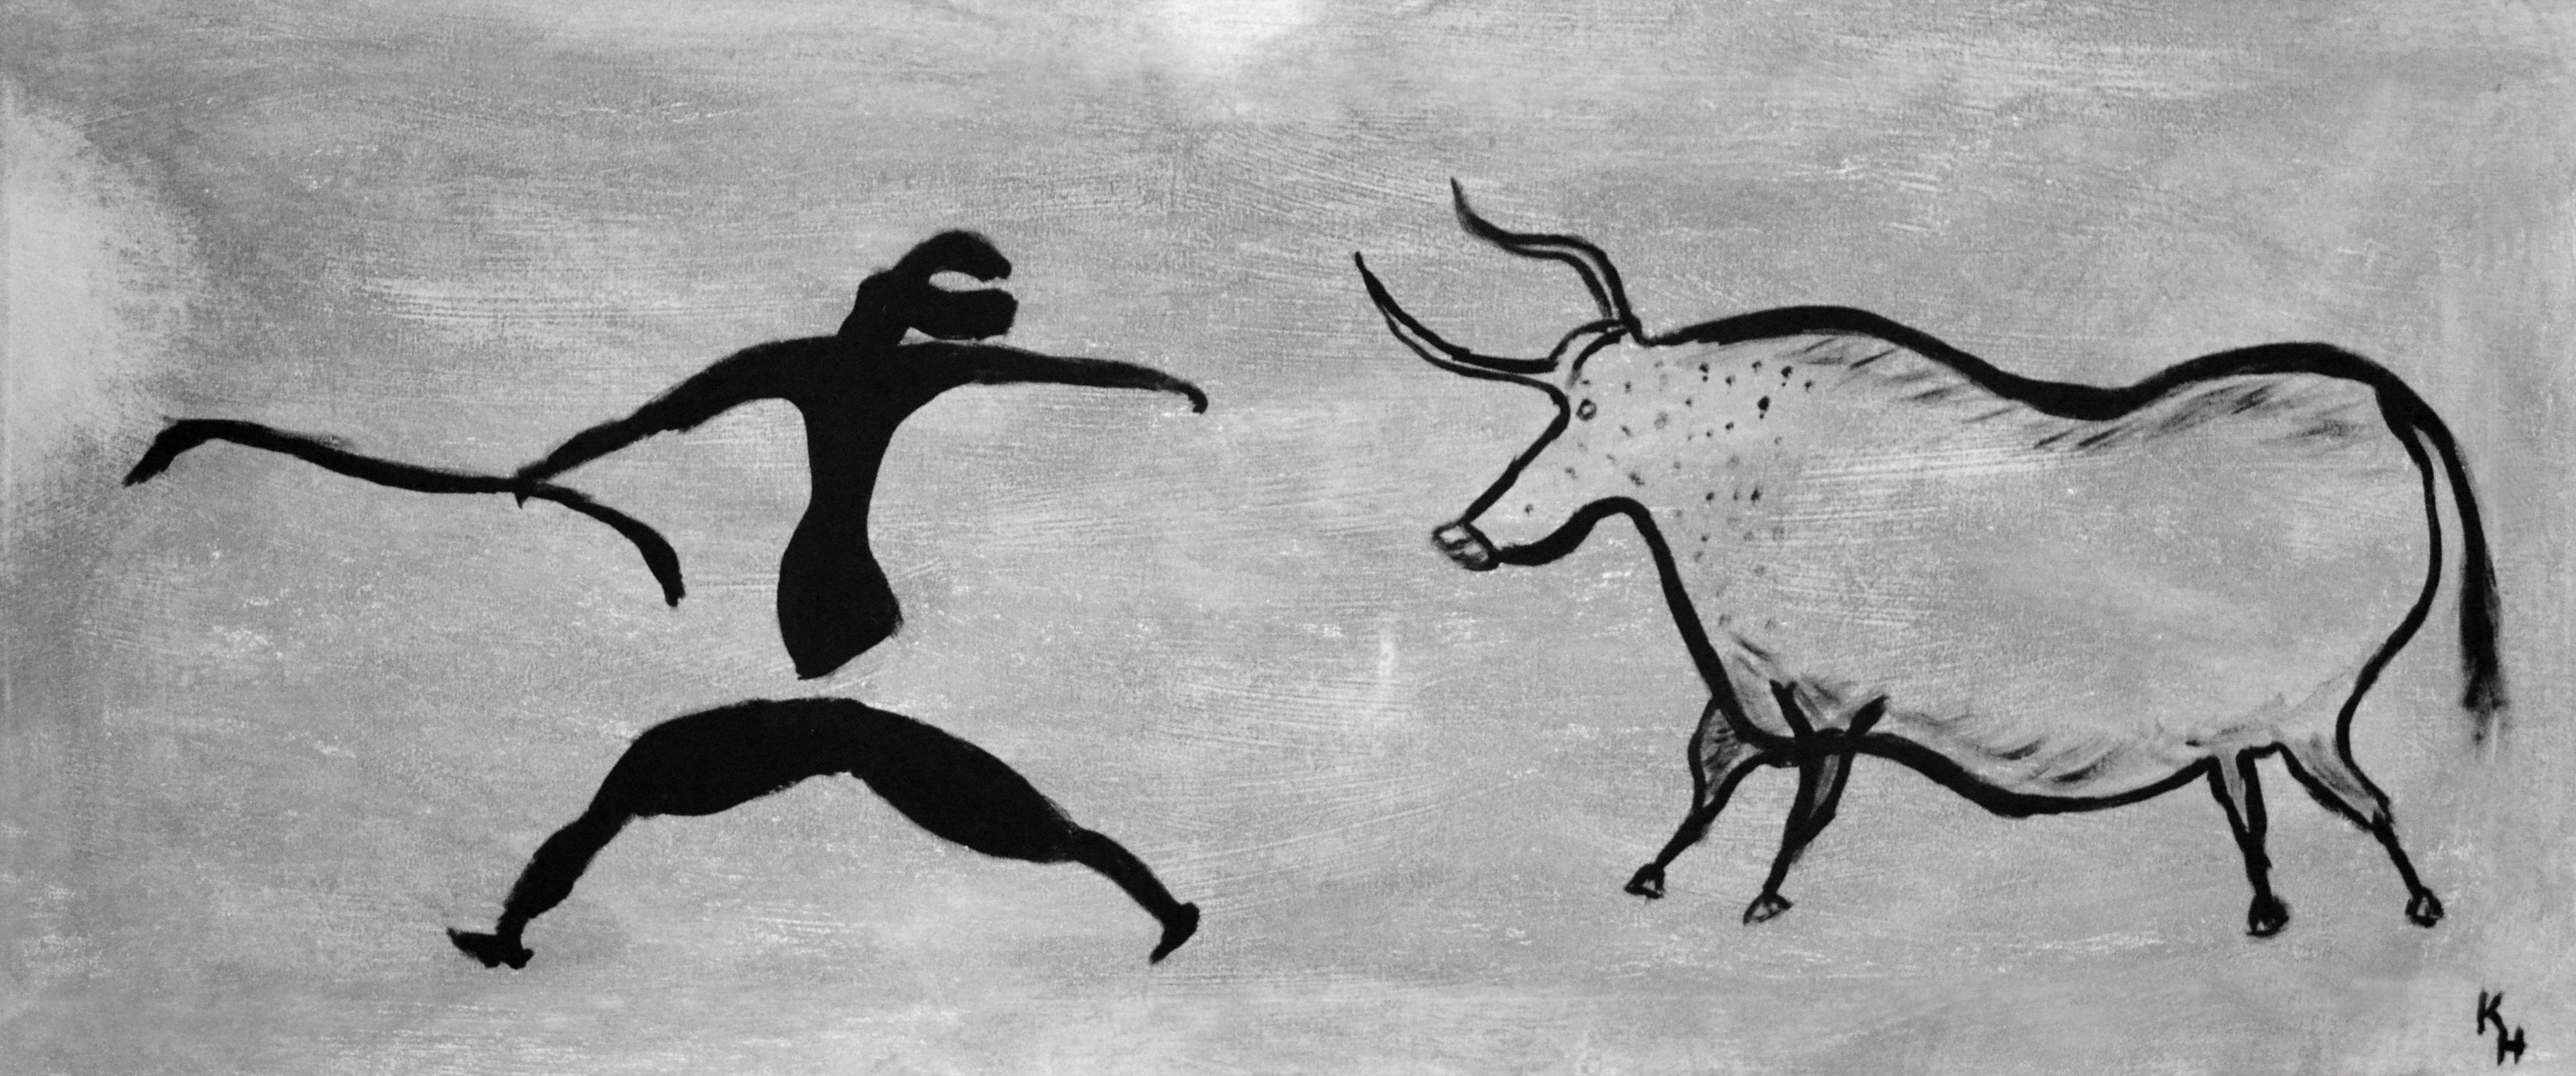 Gambar Abstrak Hitam Dan Putih Menjalankan Hewan